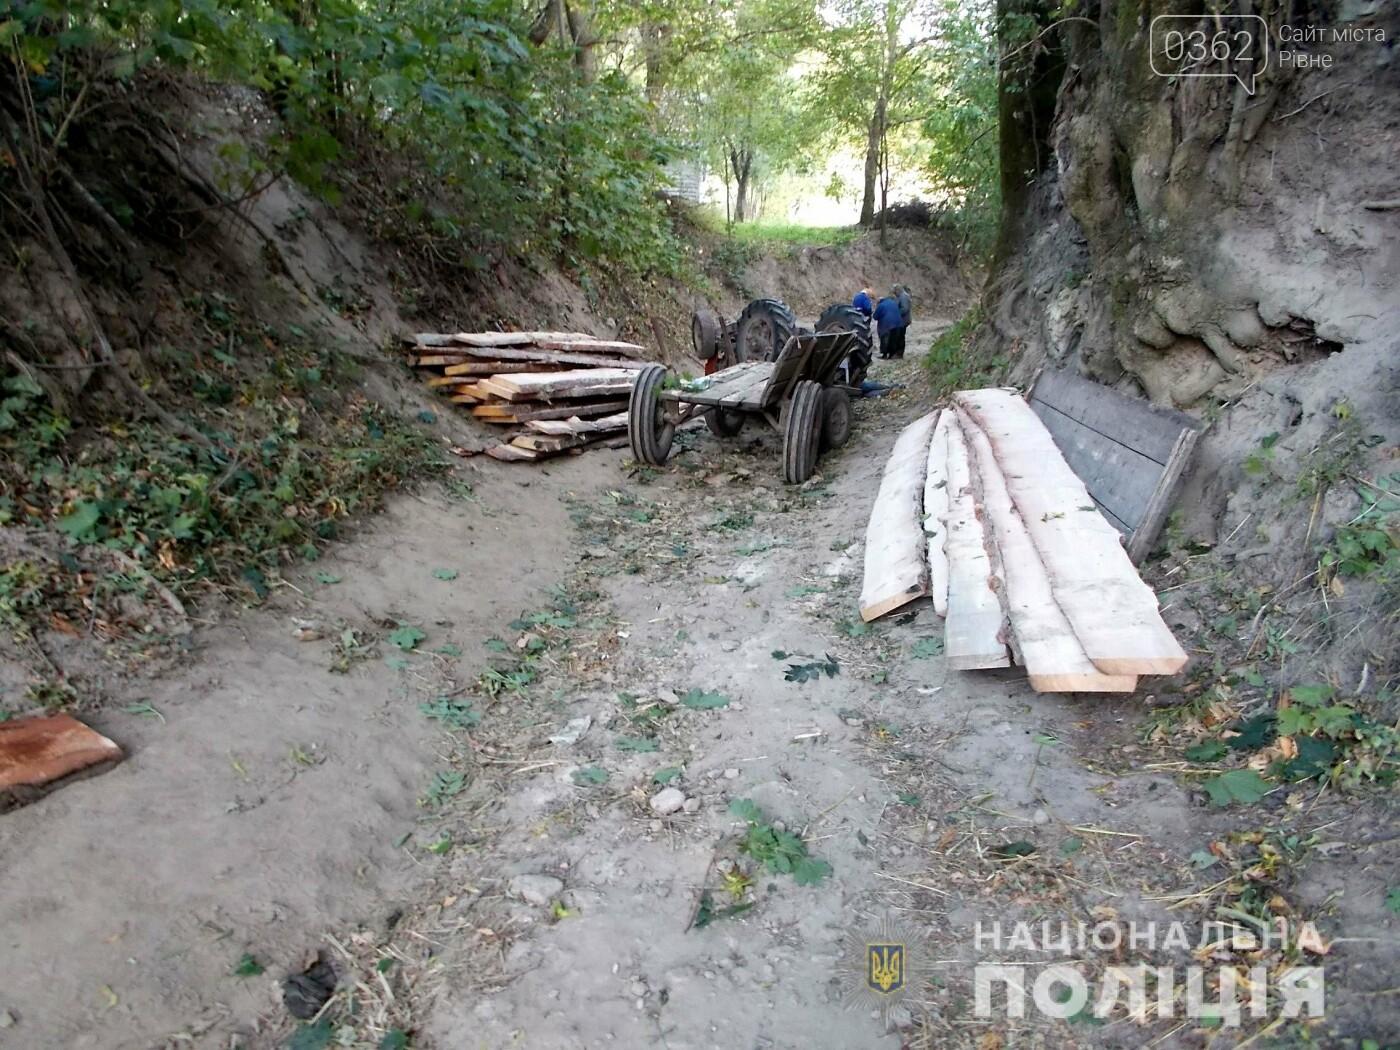 Поліція розслідує загибель тракториста у Здолбунівському районі (ФОТО), фото-1